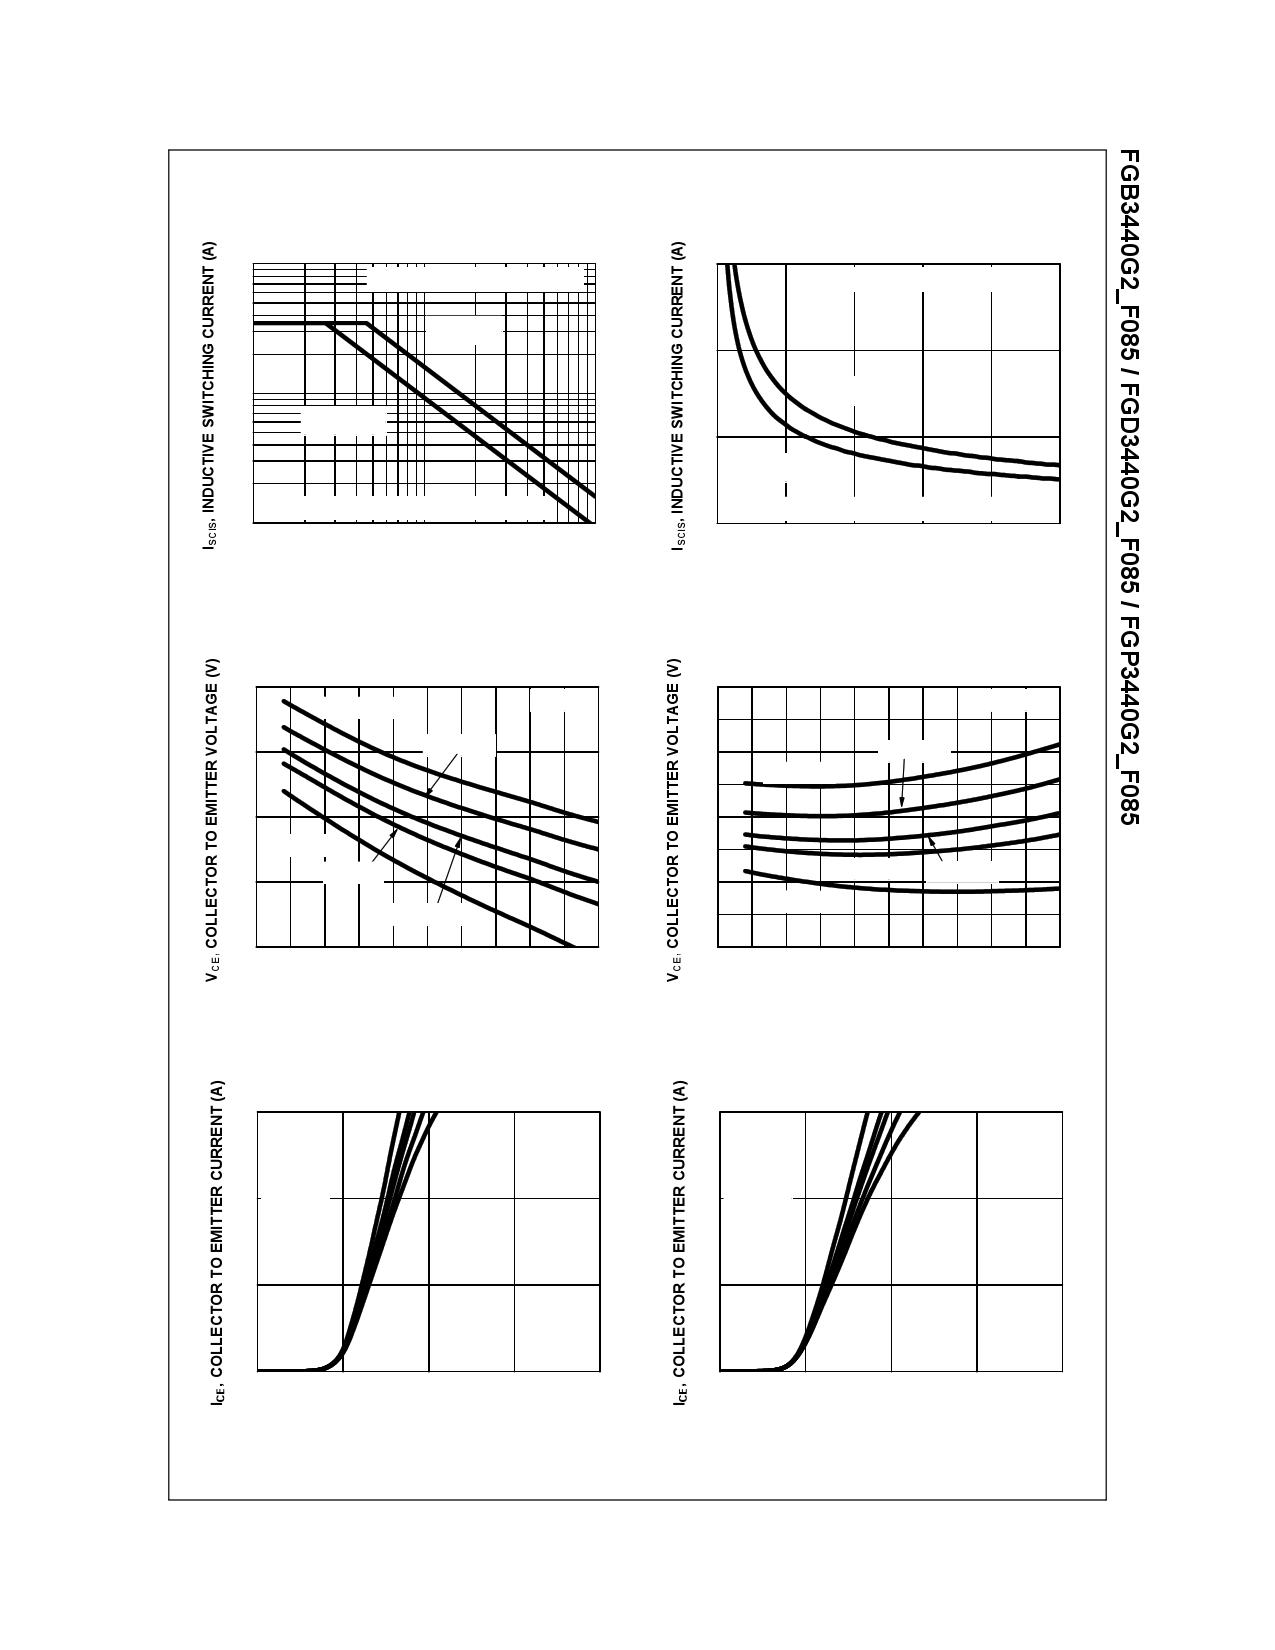 FGD3440G2_F085 pdf, 반도체, 판매, 대치품